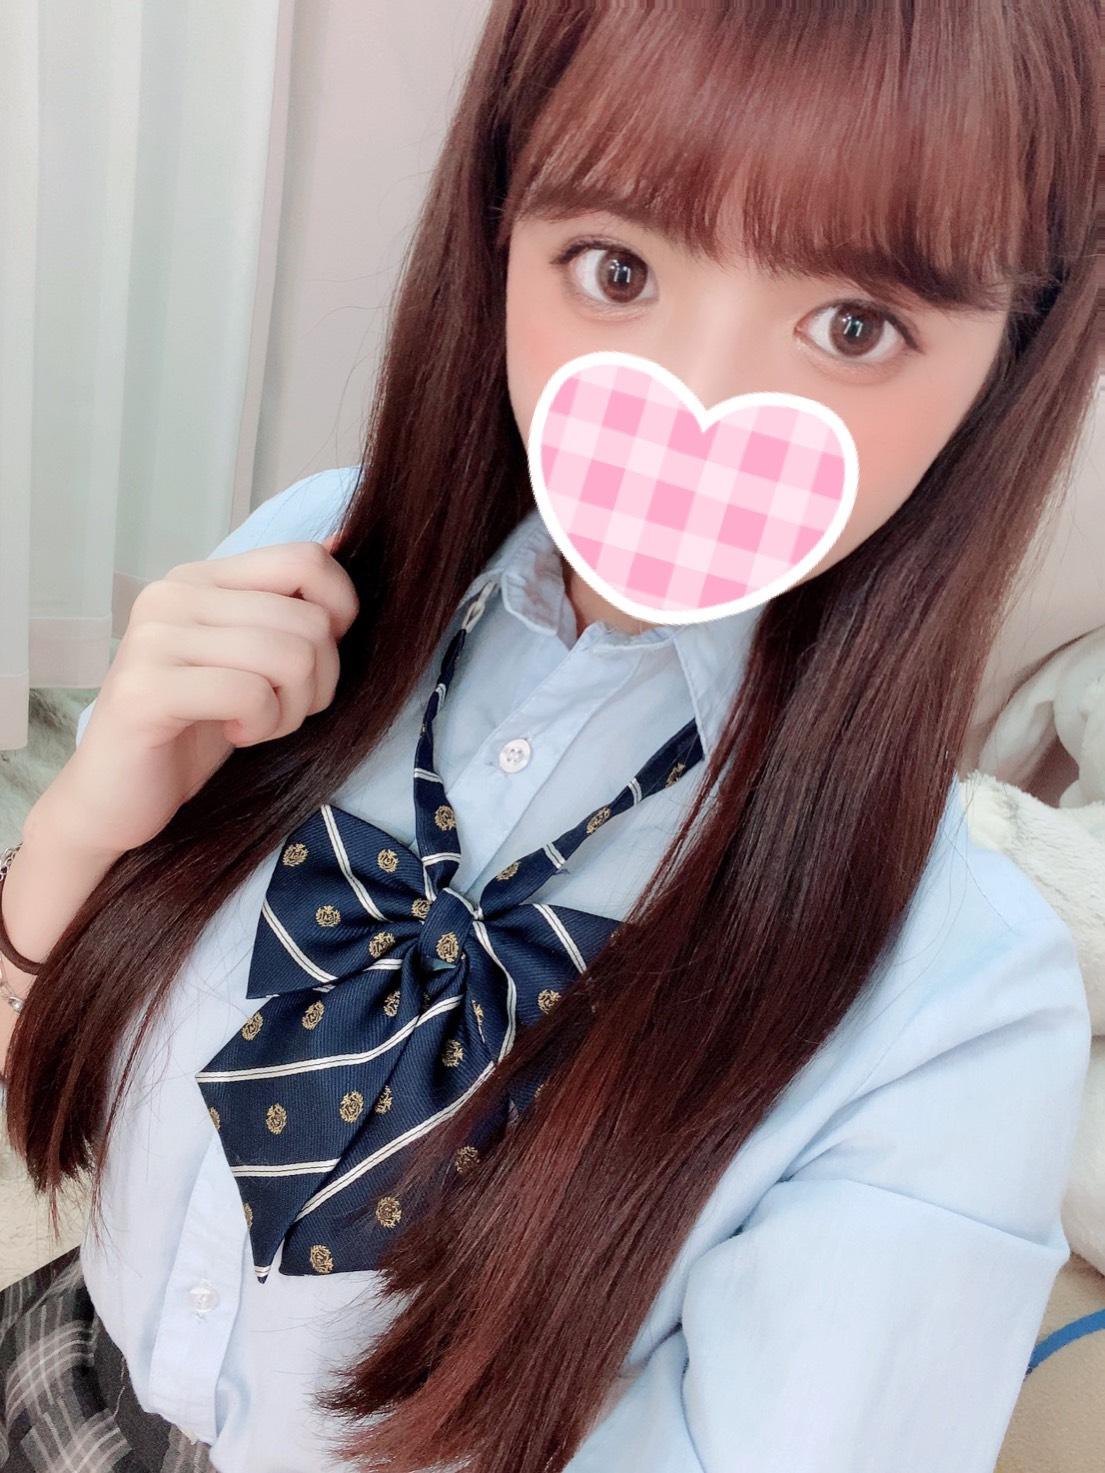 9/18体験入店 なごみ (JK上がりたて)